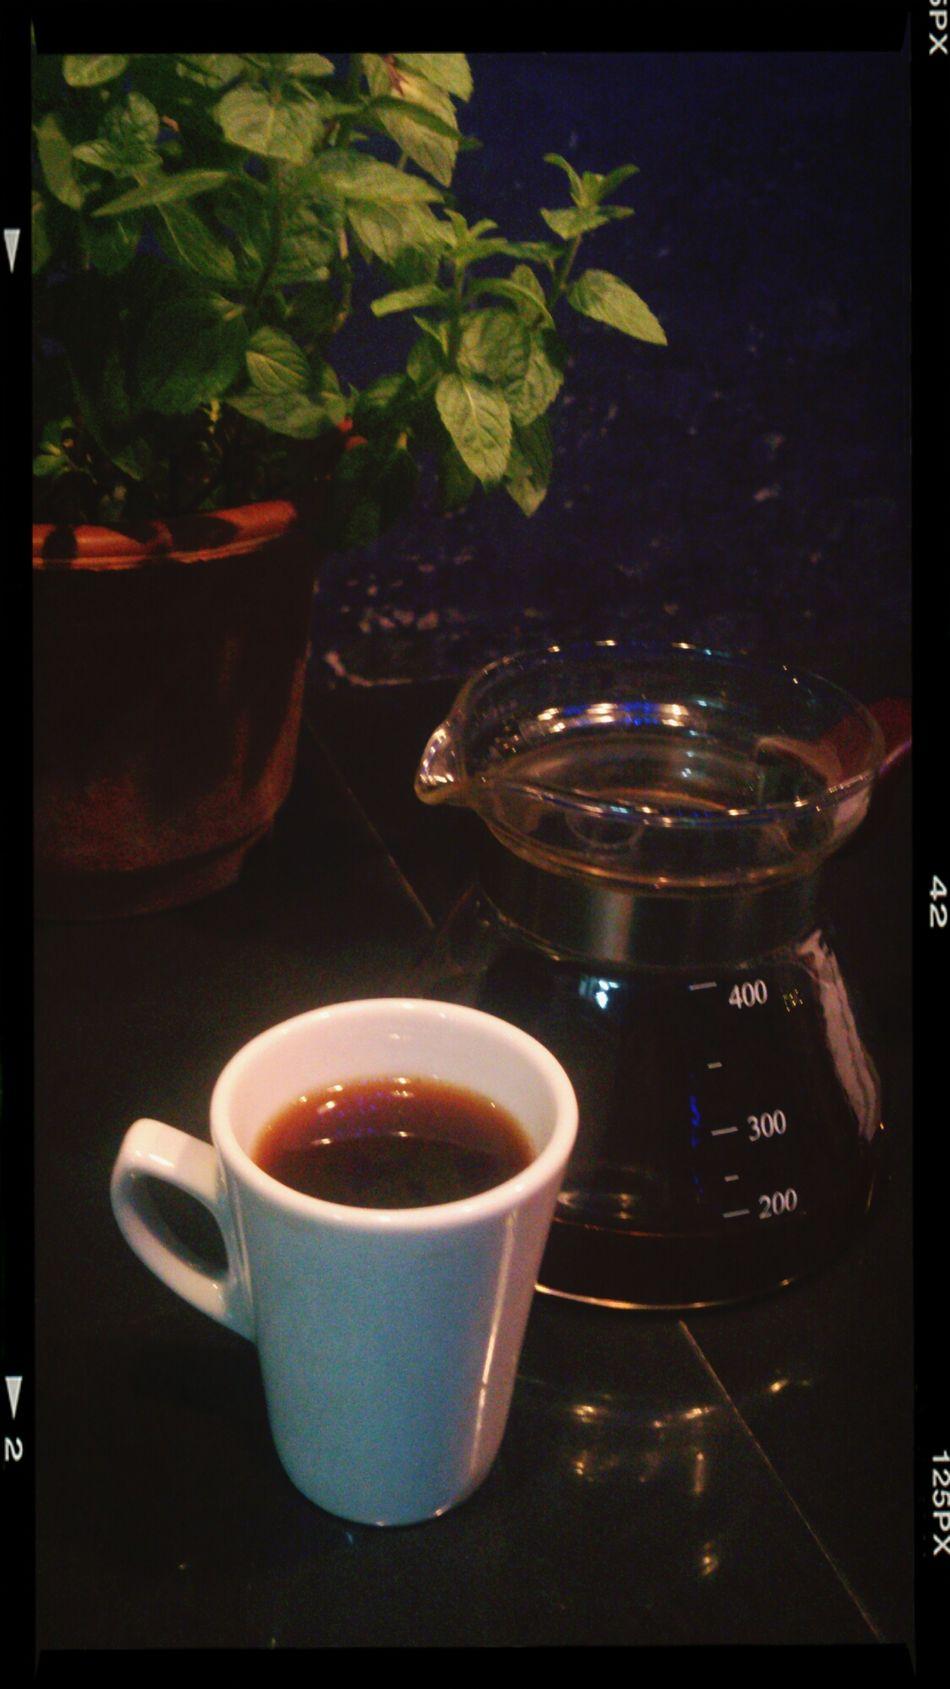 咖啡就是慢节奏的东西